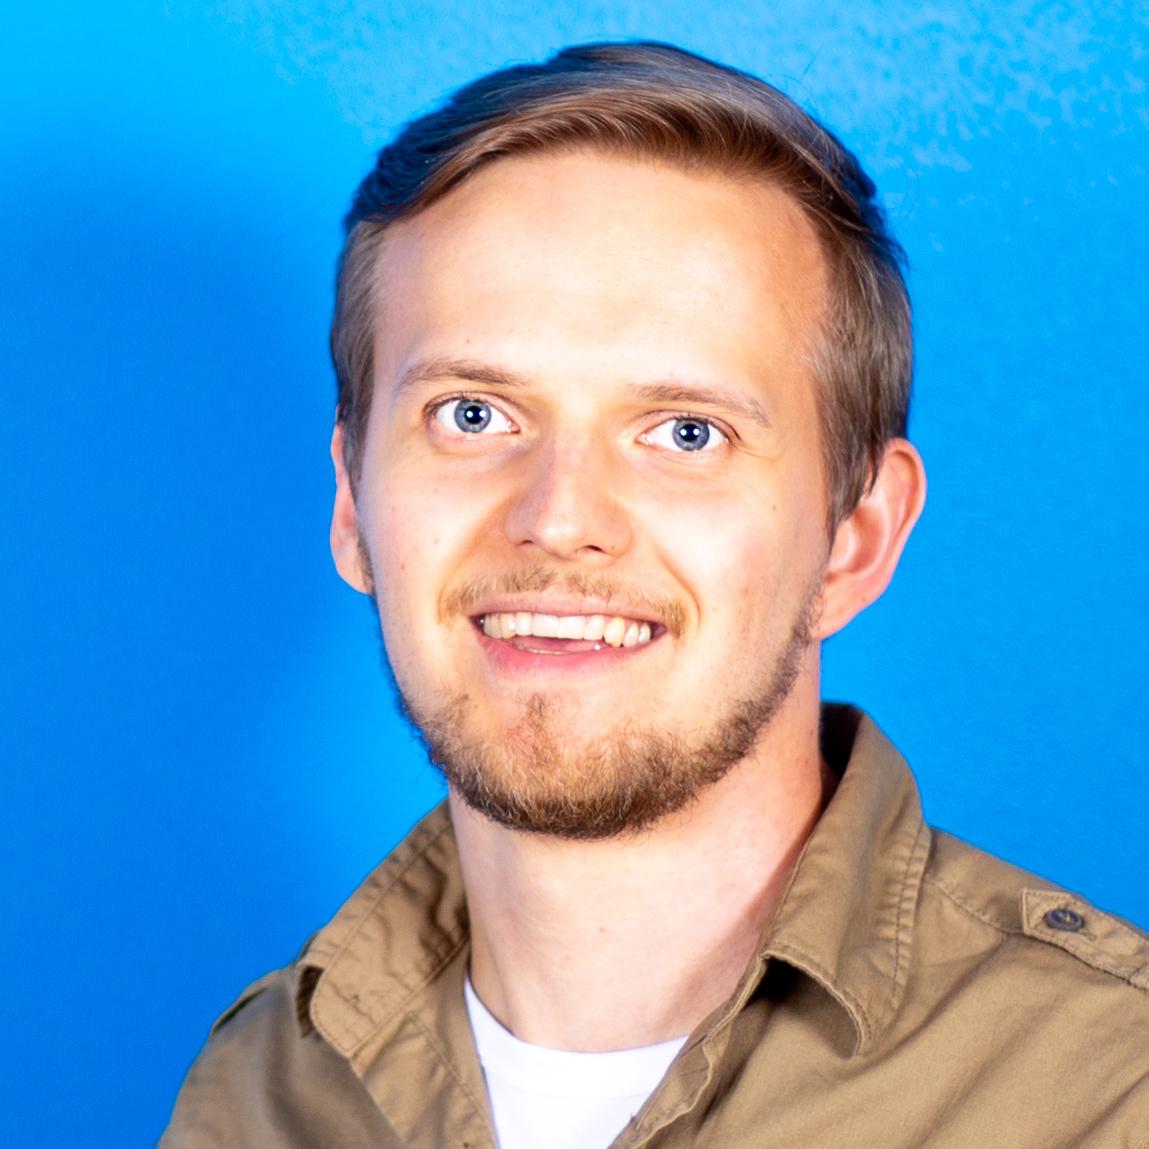 Mikael Malkamäki